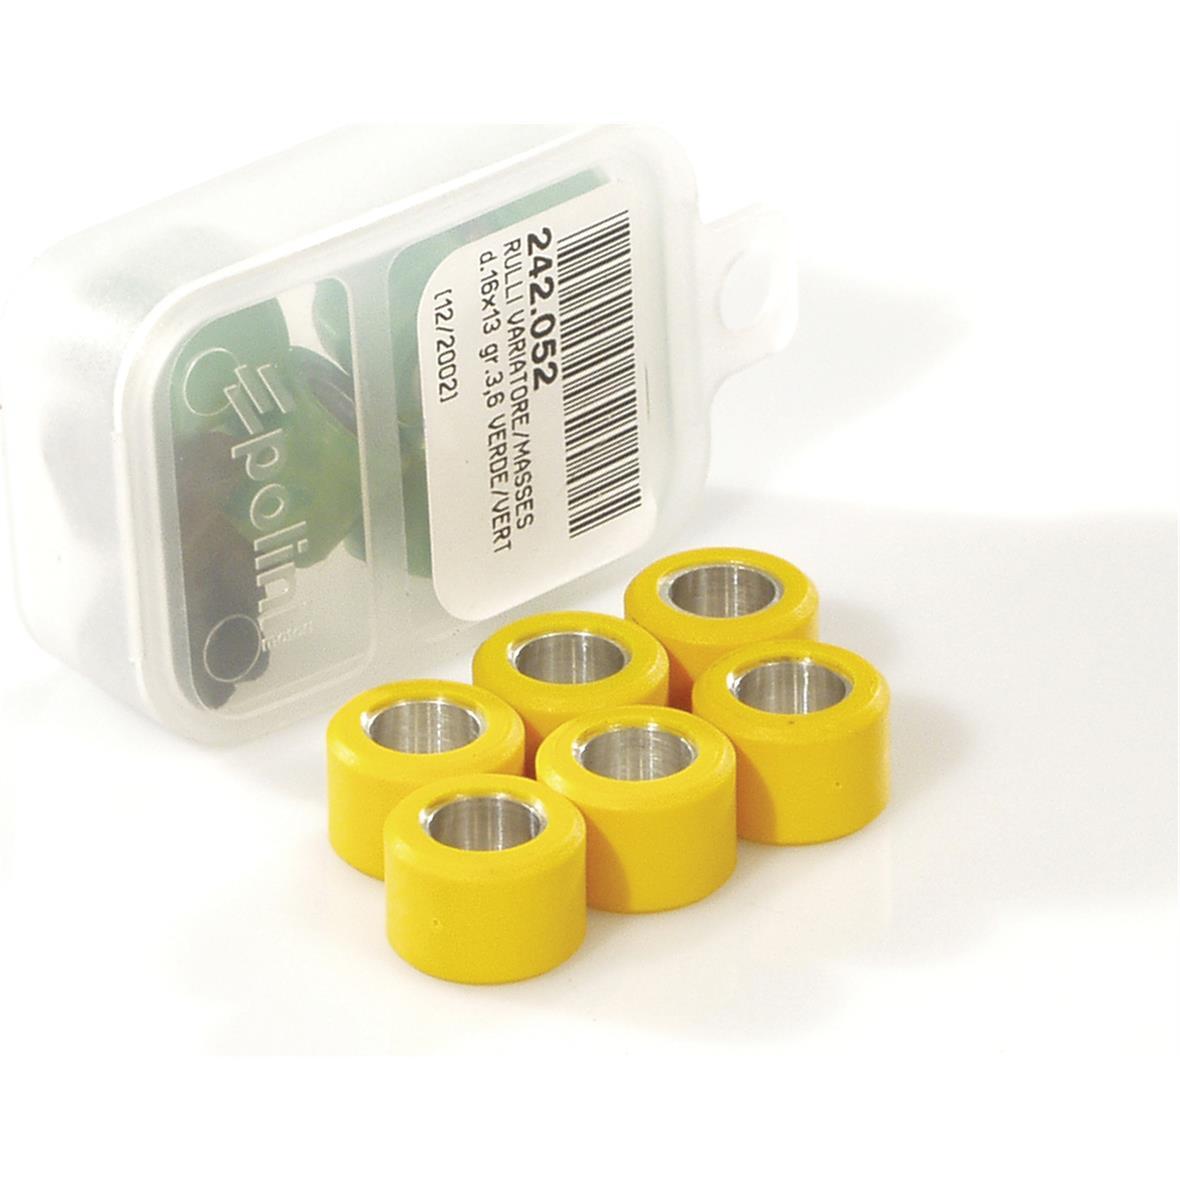 「バリエーター ロール POLINI 17x12 mm 9,2 (グラム)Title」の製品画像